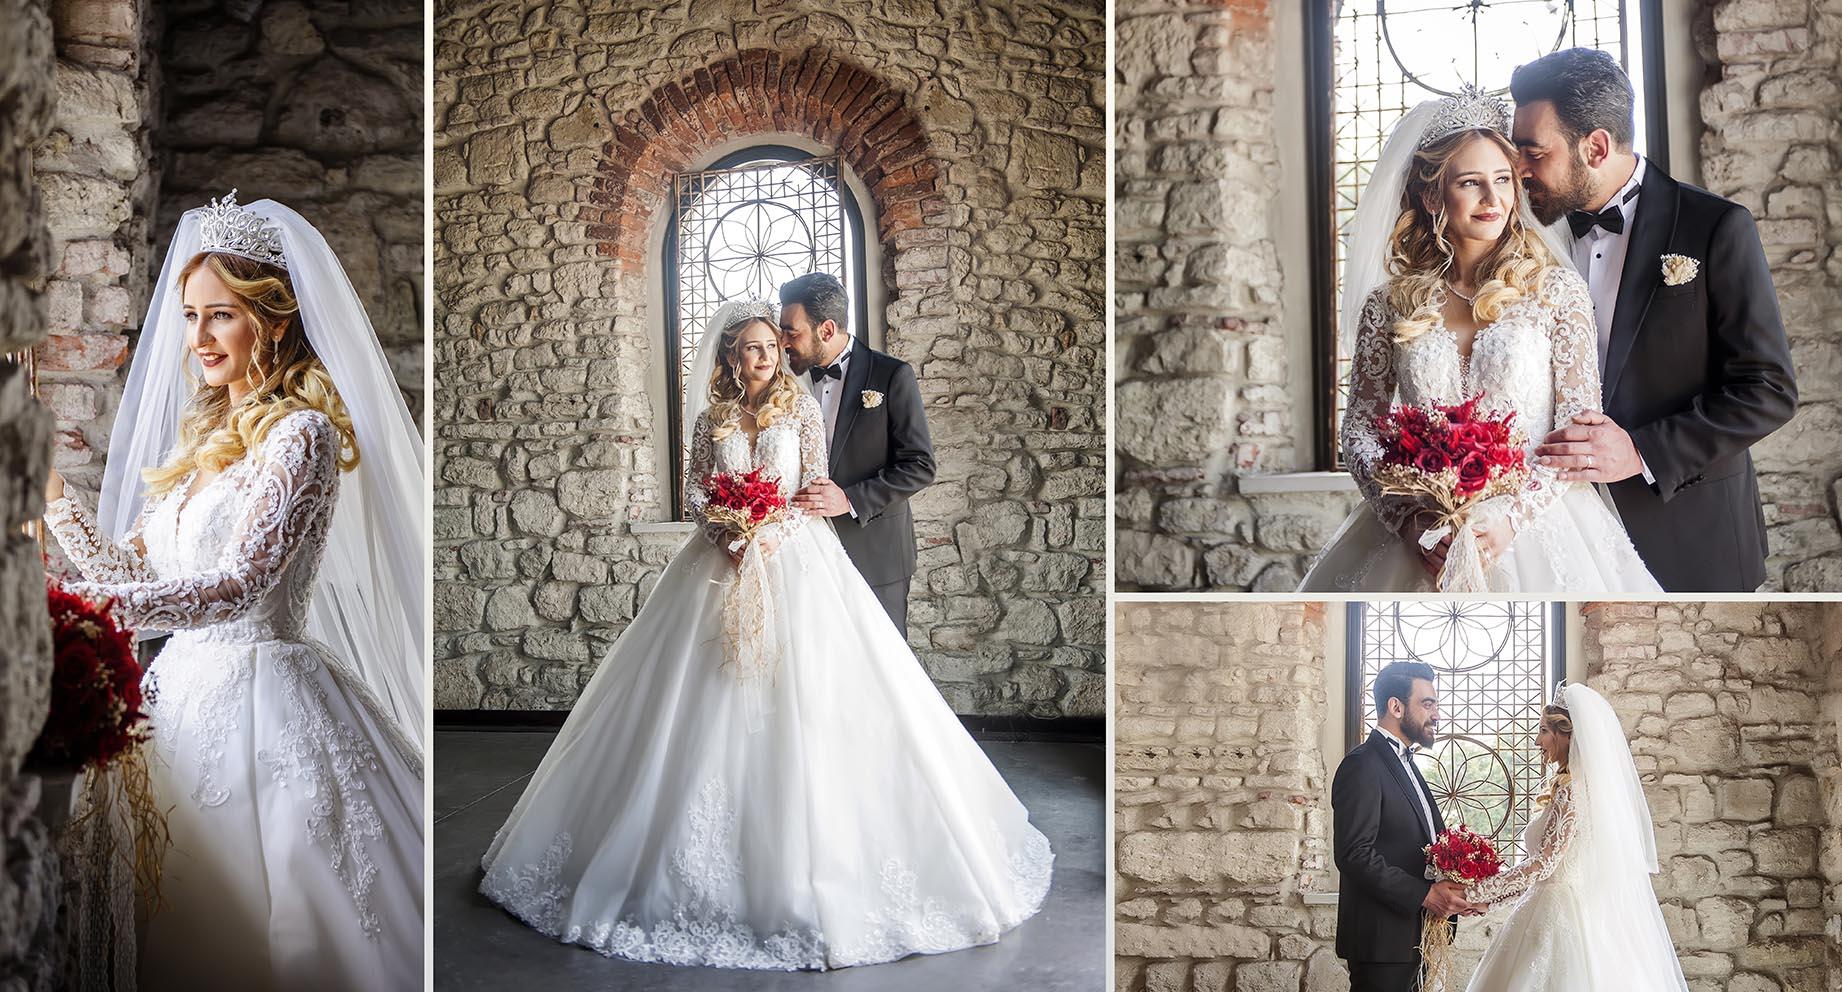 kibrithane düğün çekimi fiyatları - kibrithane foto  raflar   - Kibrithane Düğün Çekimi Fiyatları | Kibrithane Düğün Fotoğrafları